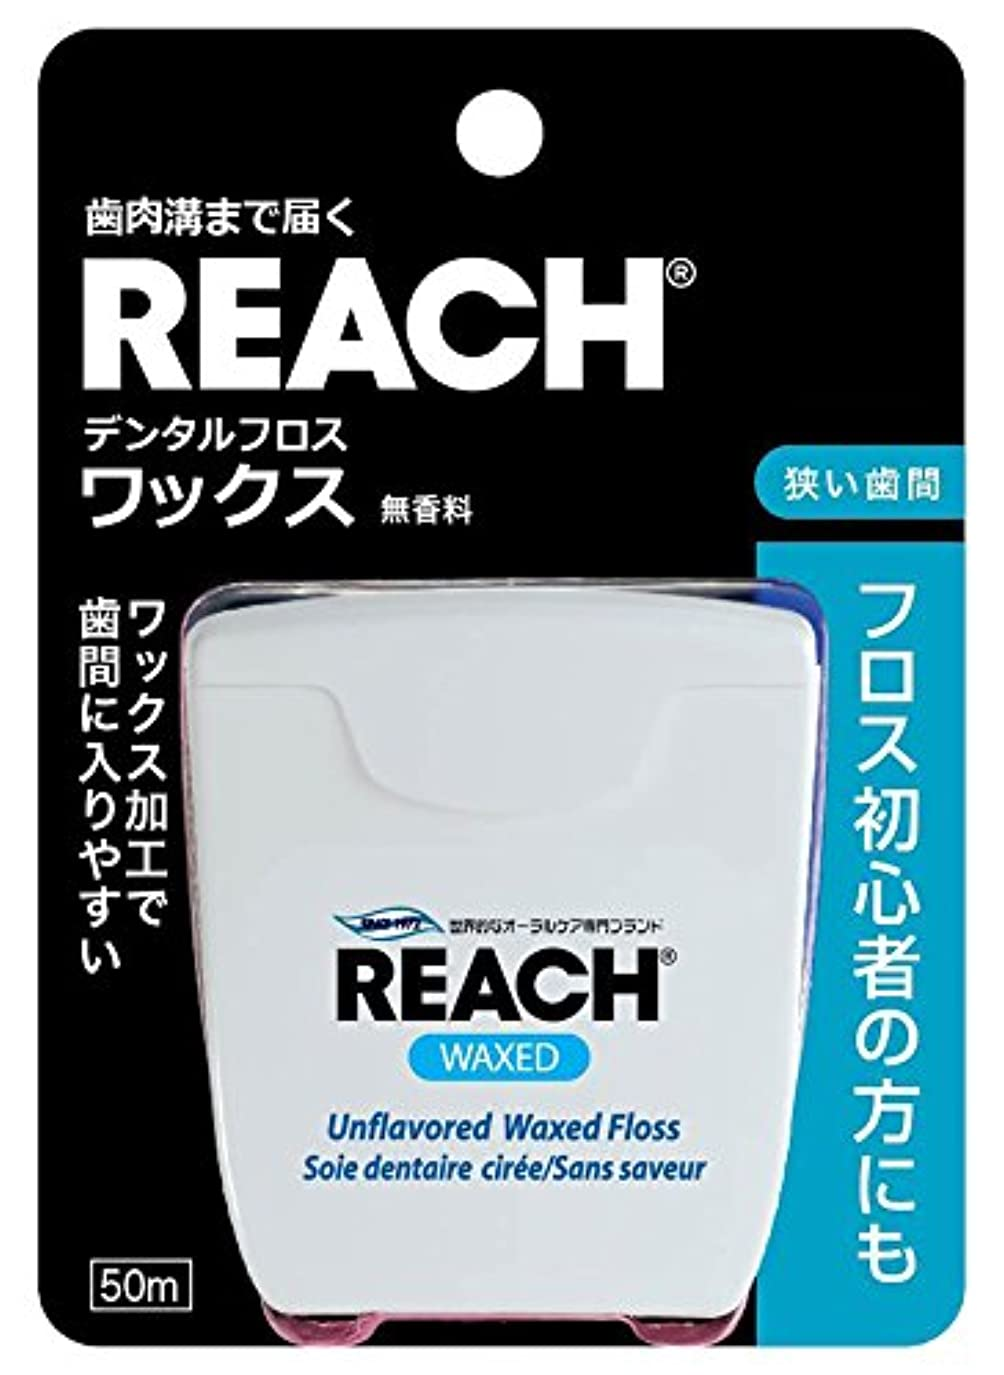 残酷な遊びます非公式REACH(リーチ) リーチデンタルフロス ワックス 50M 単品